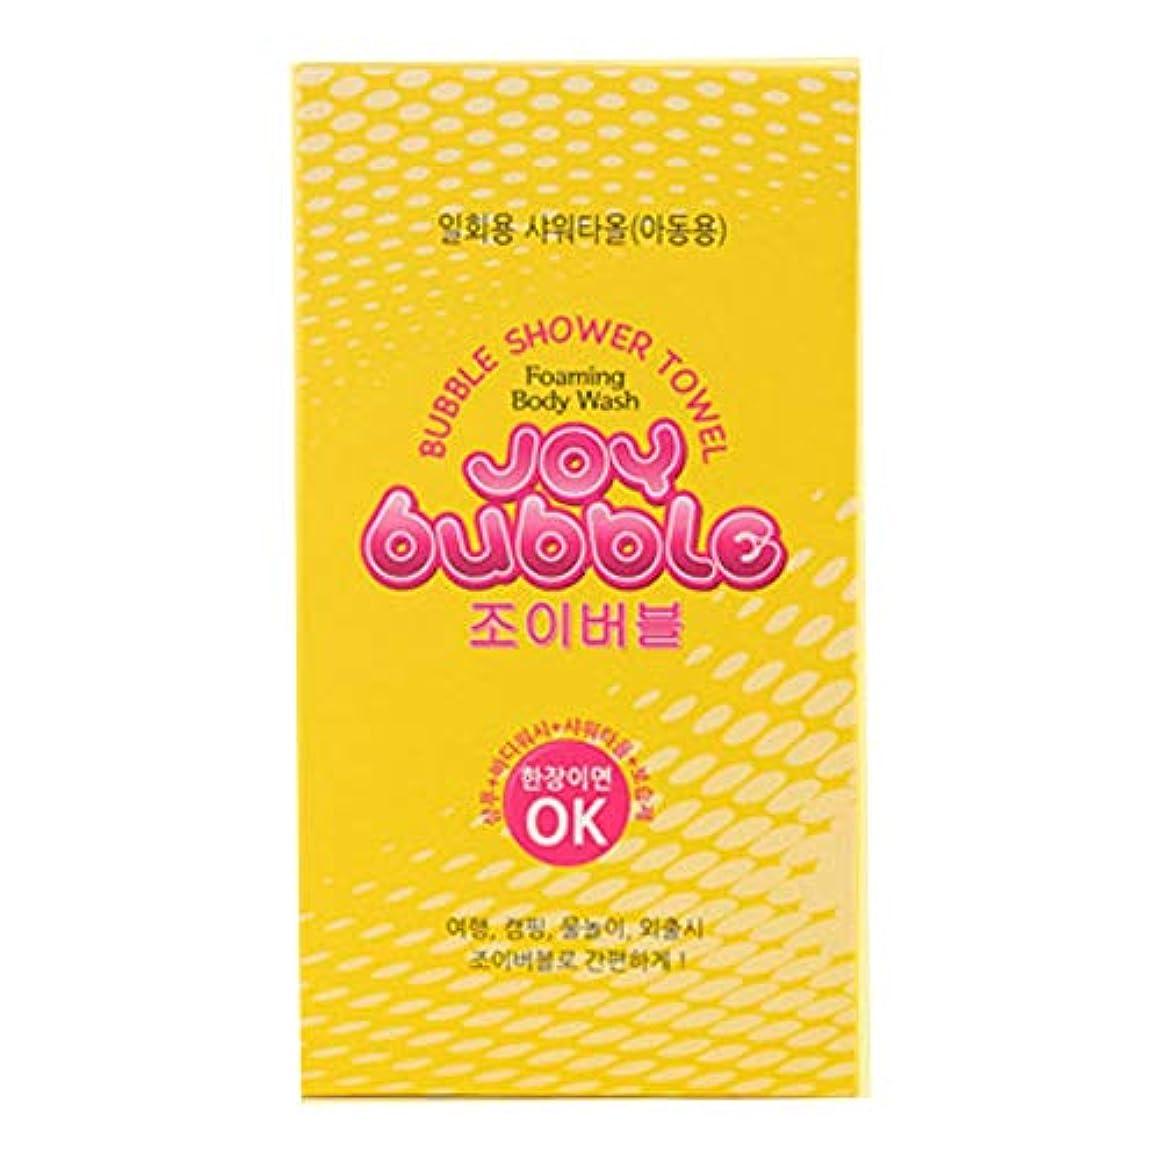 エコー慈善そばに[TSP-Korea] Joy Bubble - バブル シャワー タオル 旅行 旅 携帯 使い捨て シャワータオル(2 types)[並行輸入品] (子供用)